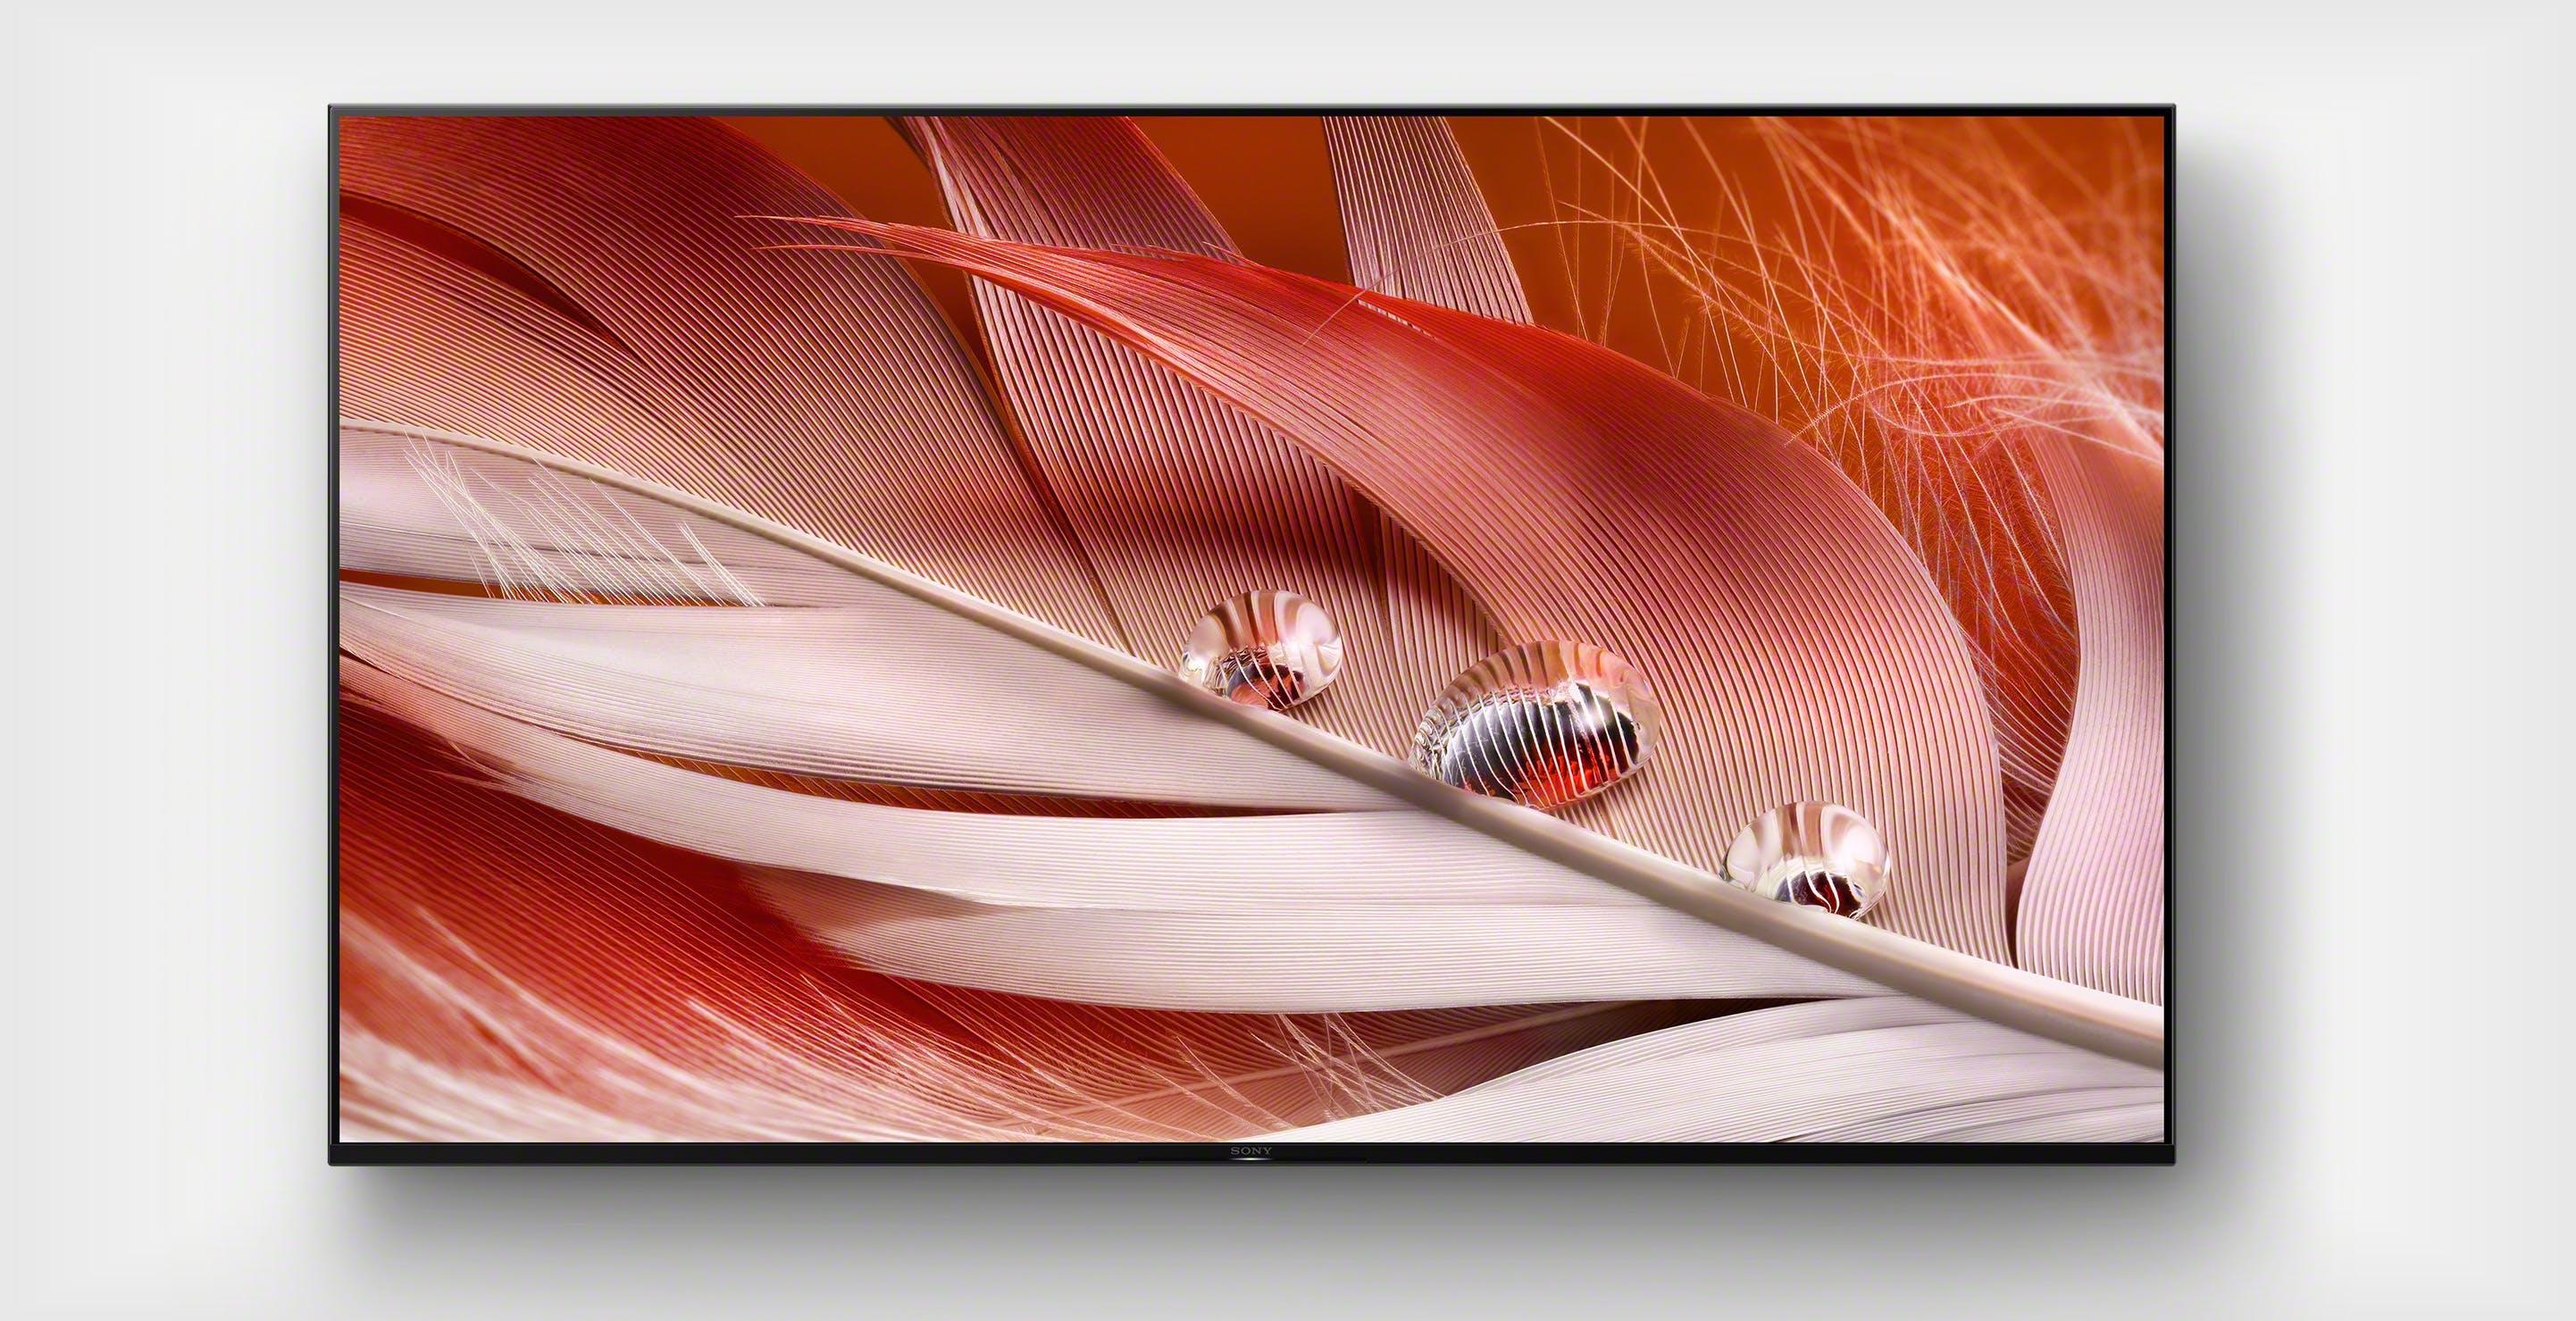 La serie BRAVIA XR X90J di Sony con full array local dimming arriva nei negozi a maggio